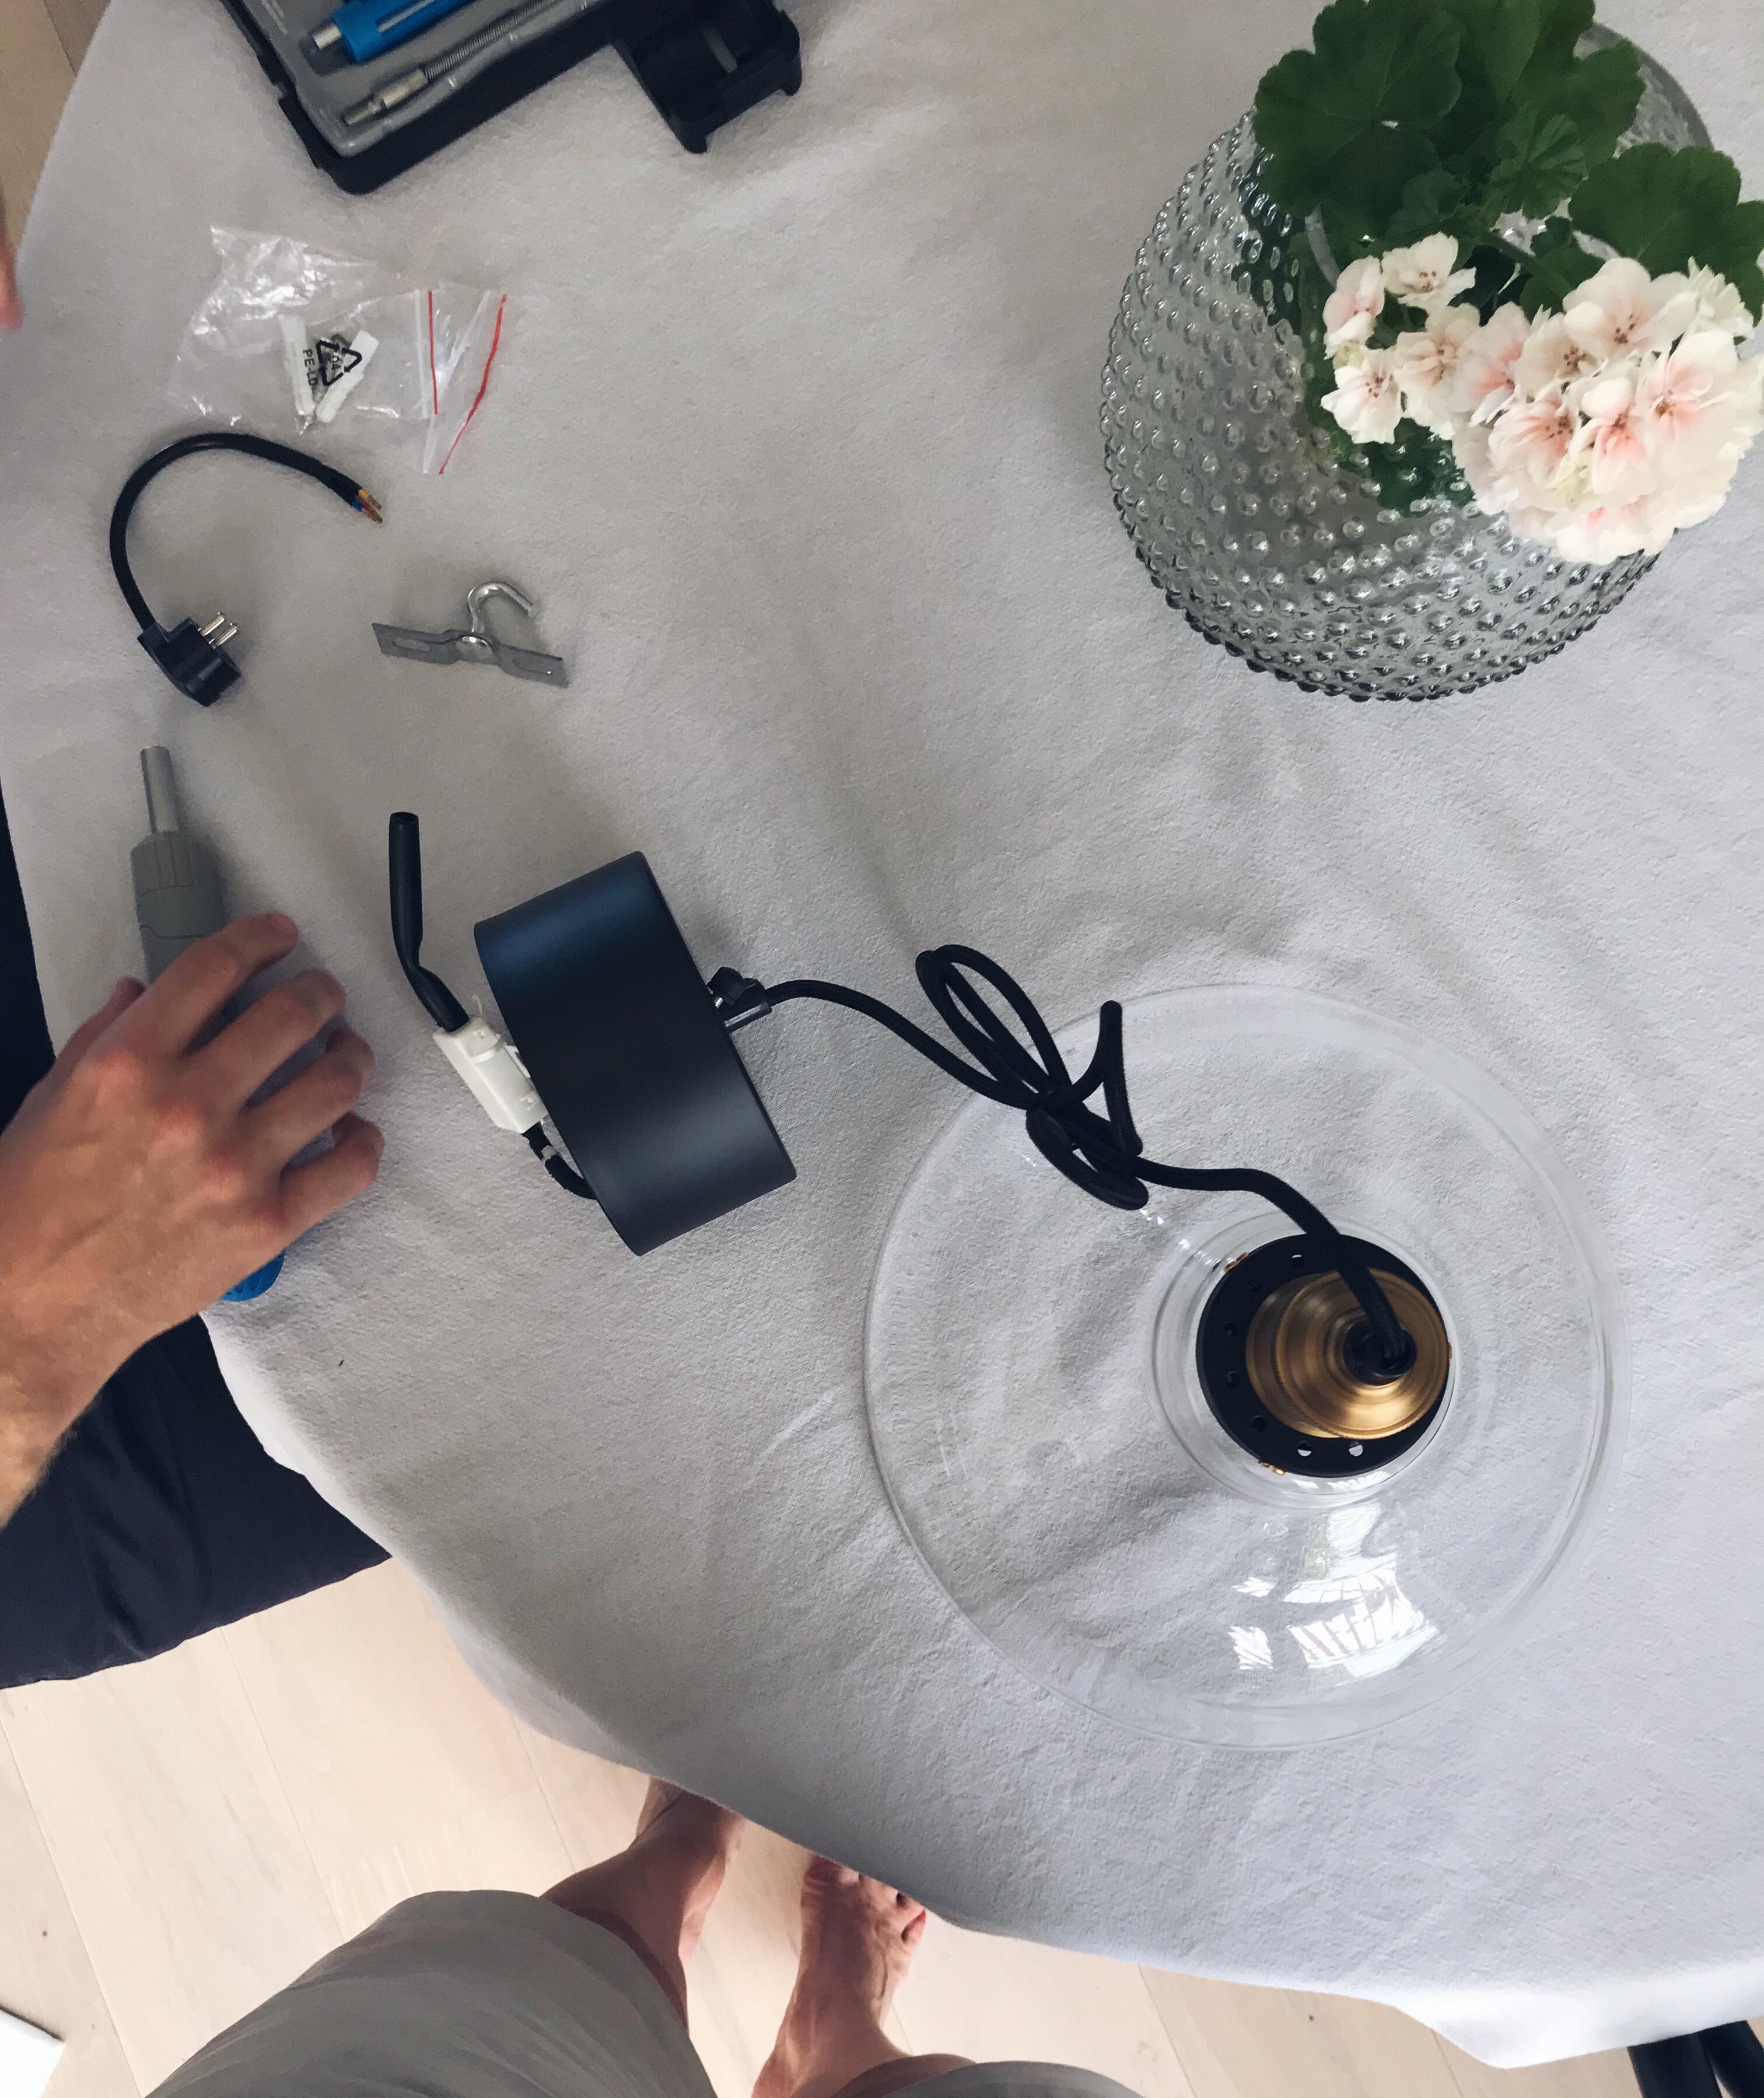 NY LAMPA OVANFÖR KÖKSBORDET